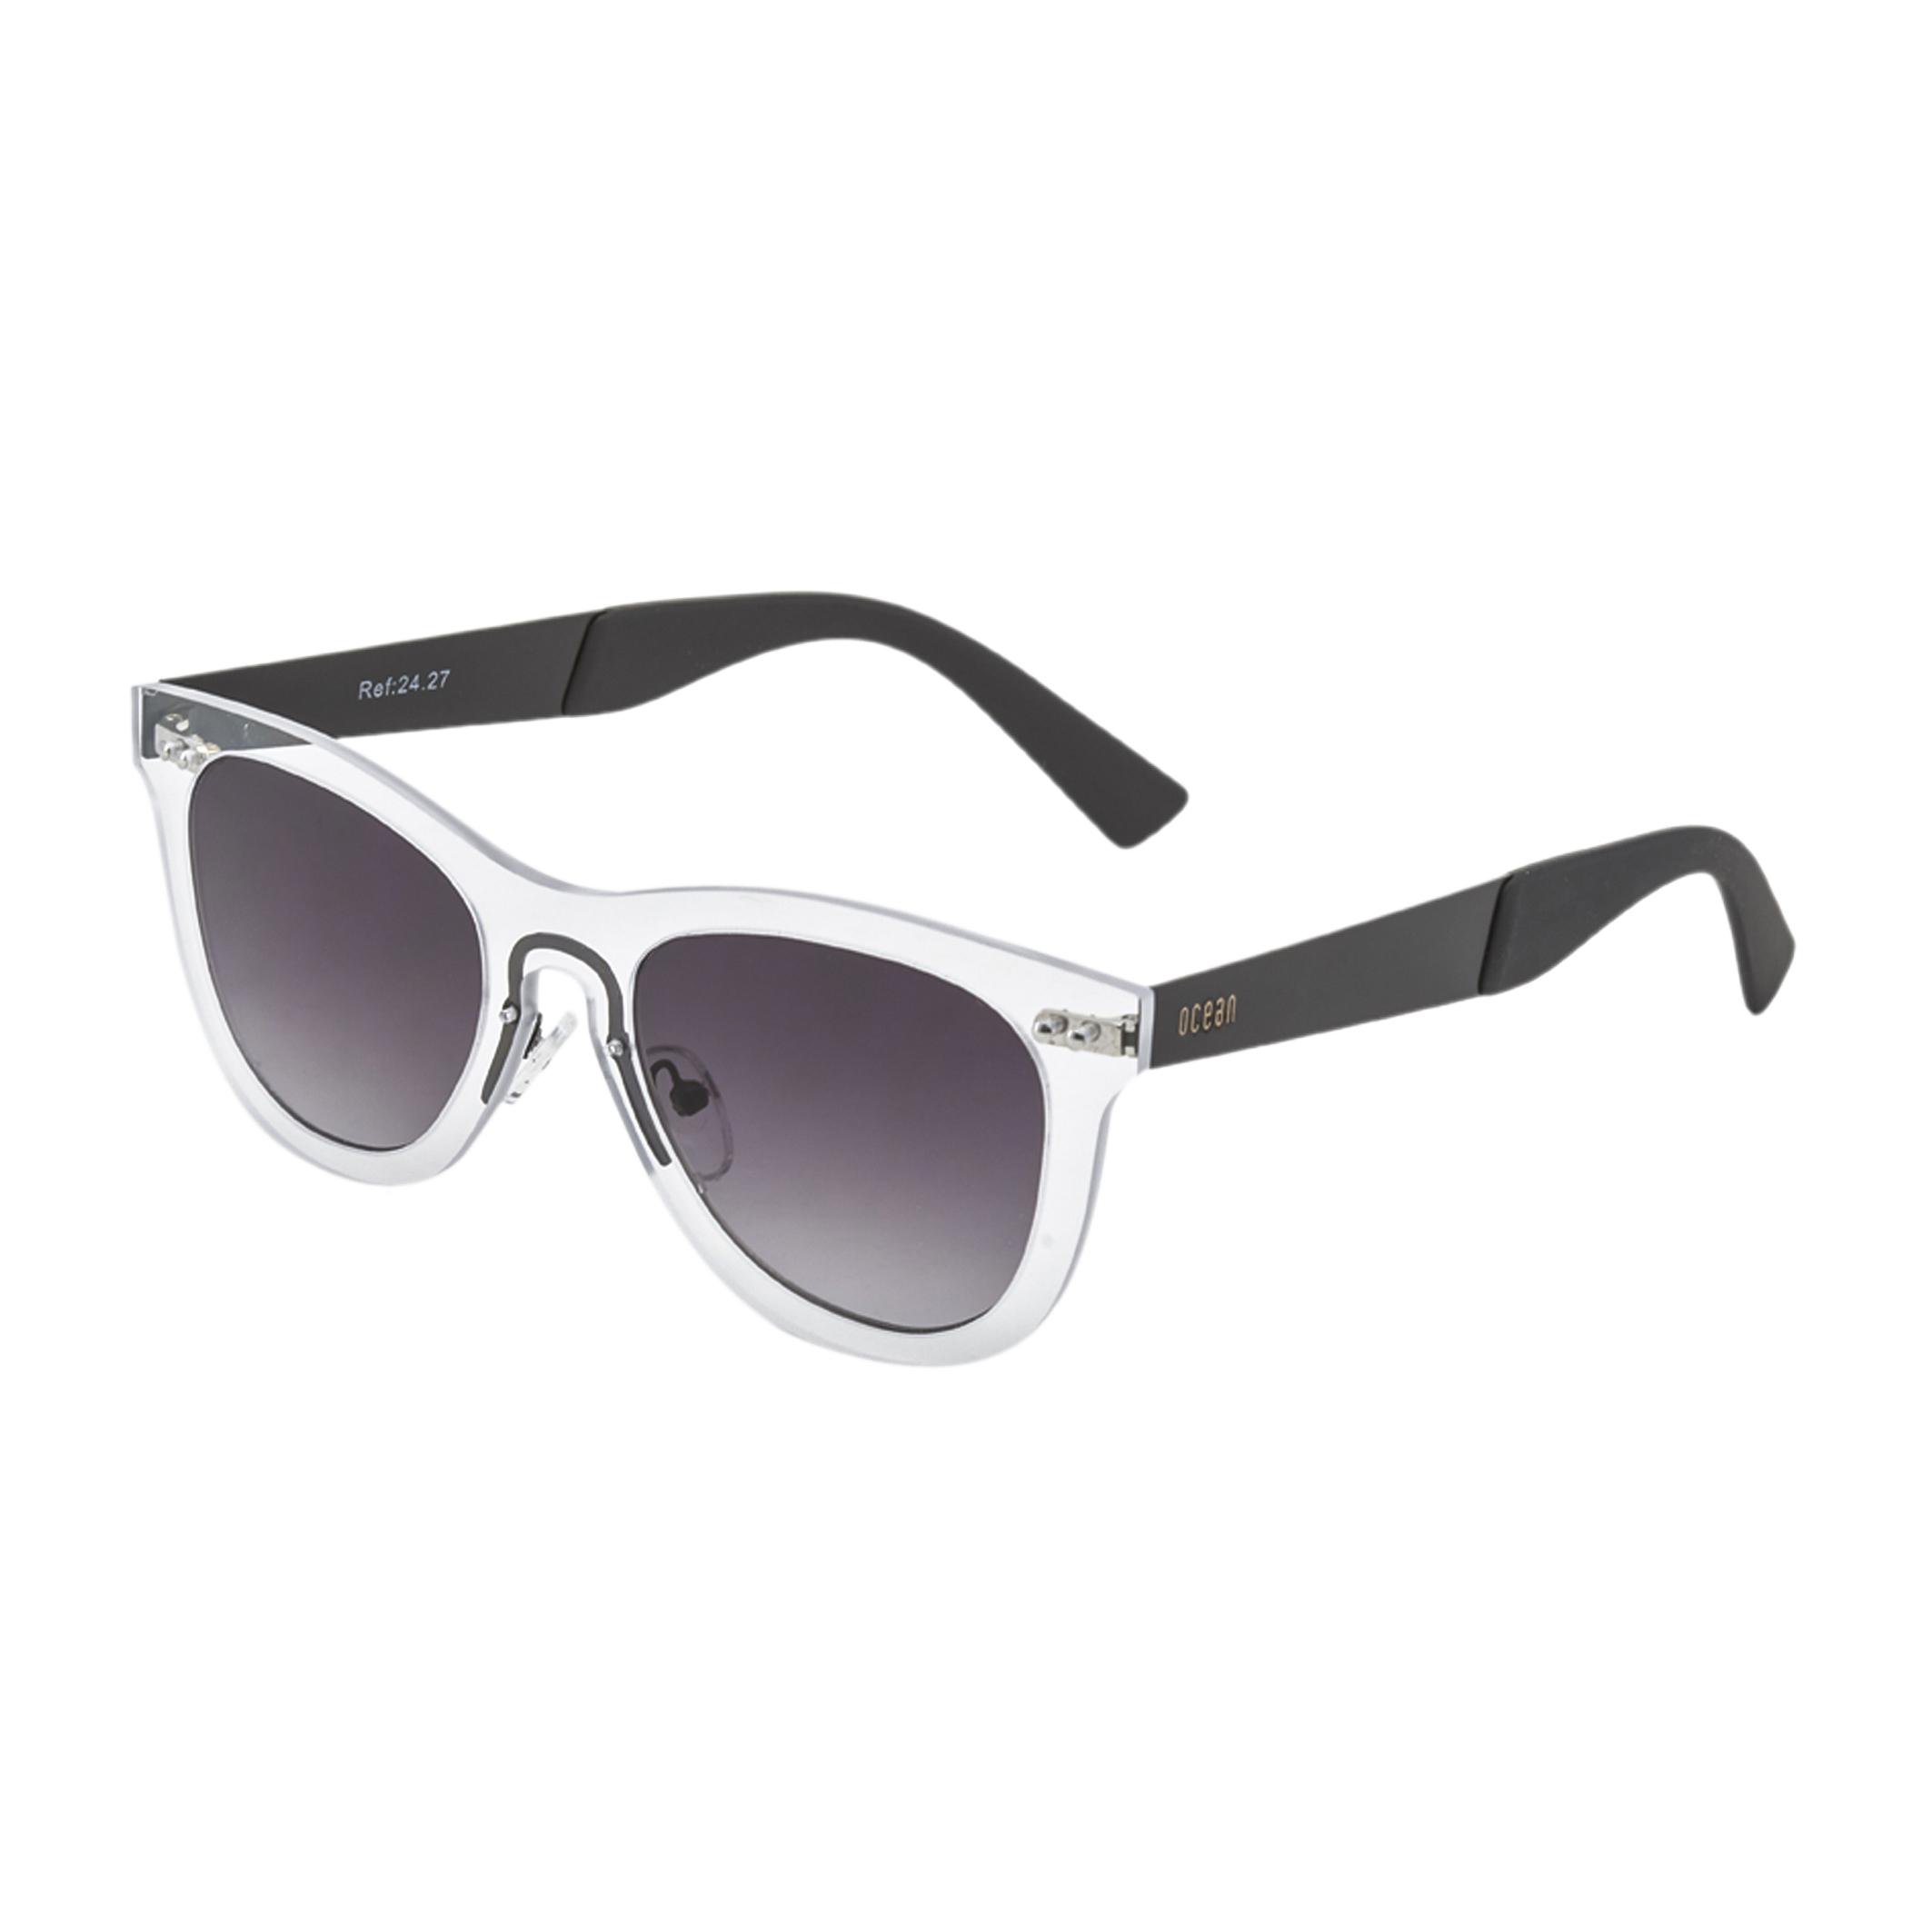 Ocean Sunglasses 24.18_FLORENCIA_BLUE-BLACK Sonnenbrille Unisex - farbe Blau DE BCoP1oRJ